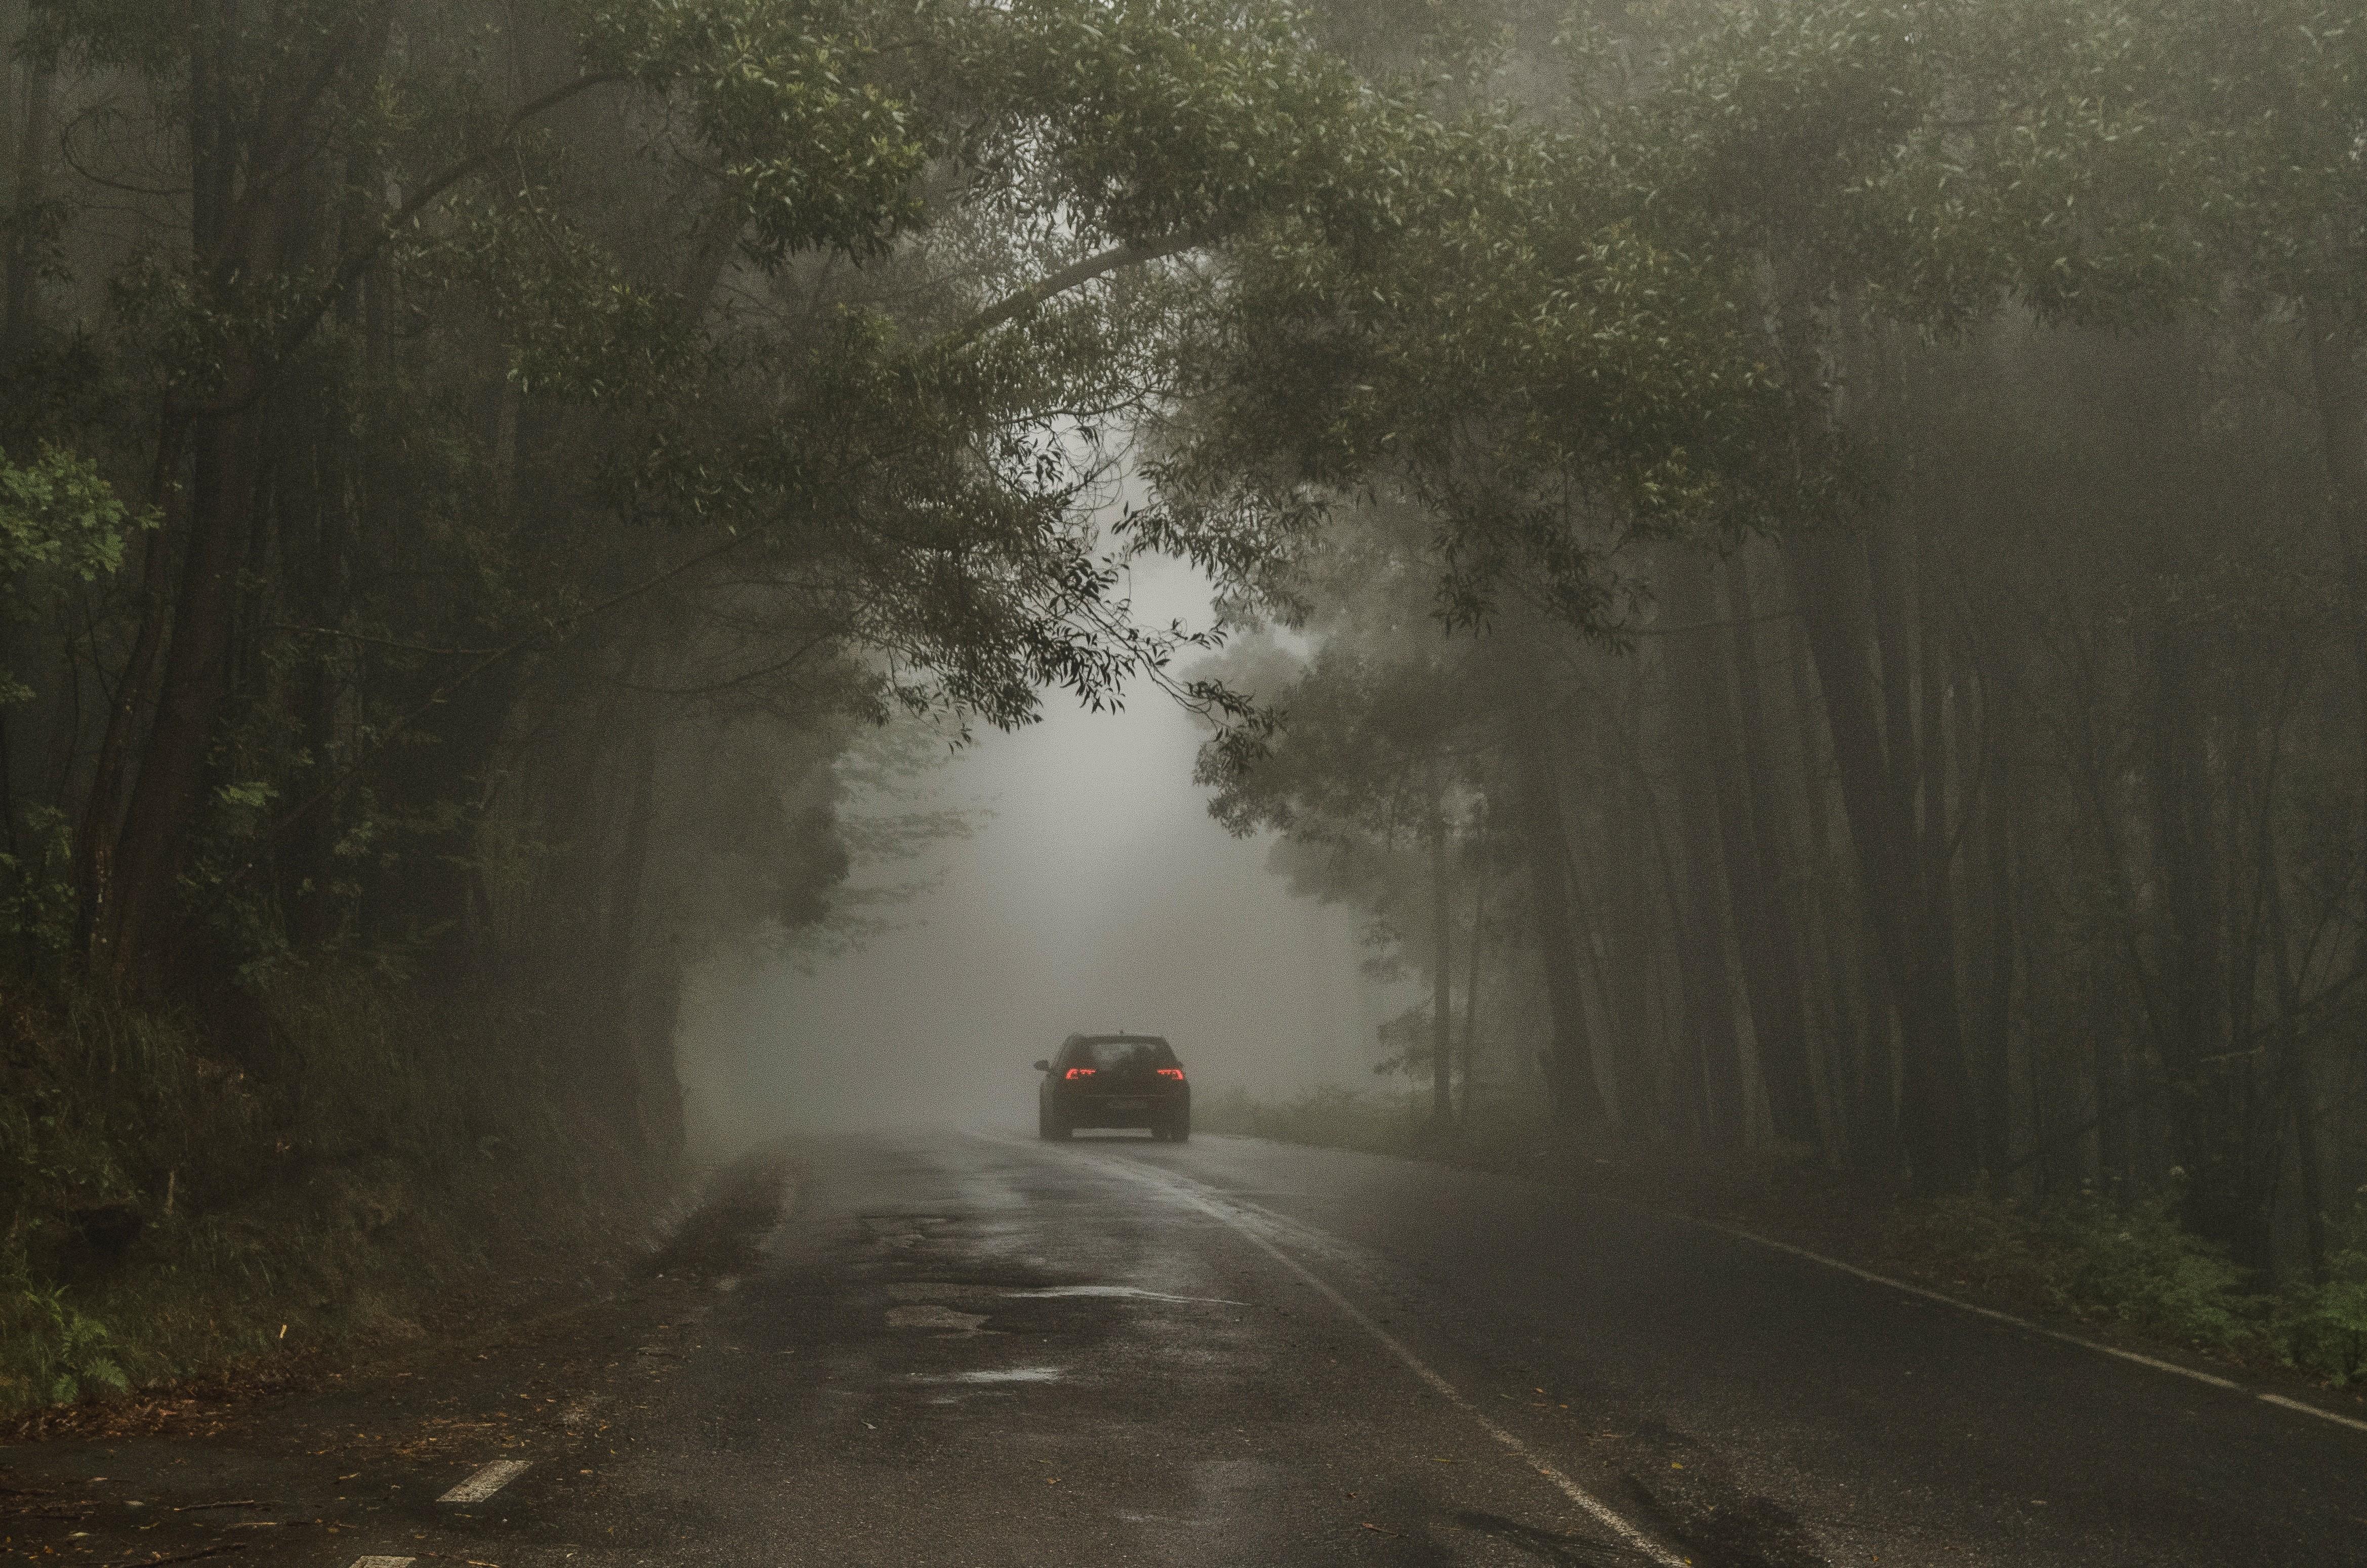 西濱,快速道路,連環車禍,車禍,道路安全,林佳龍,交通部,公路總局,霧霾,濃霧,車距